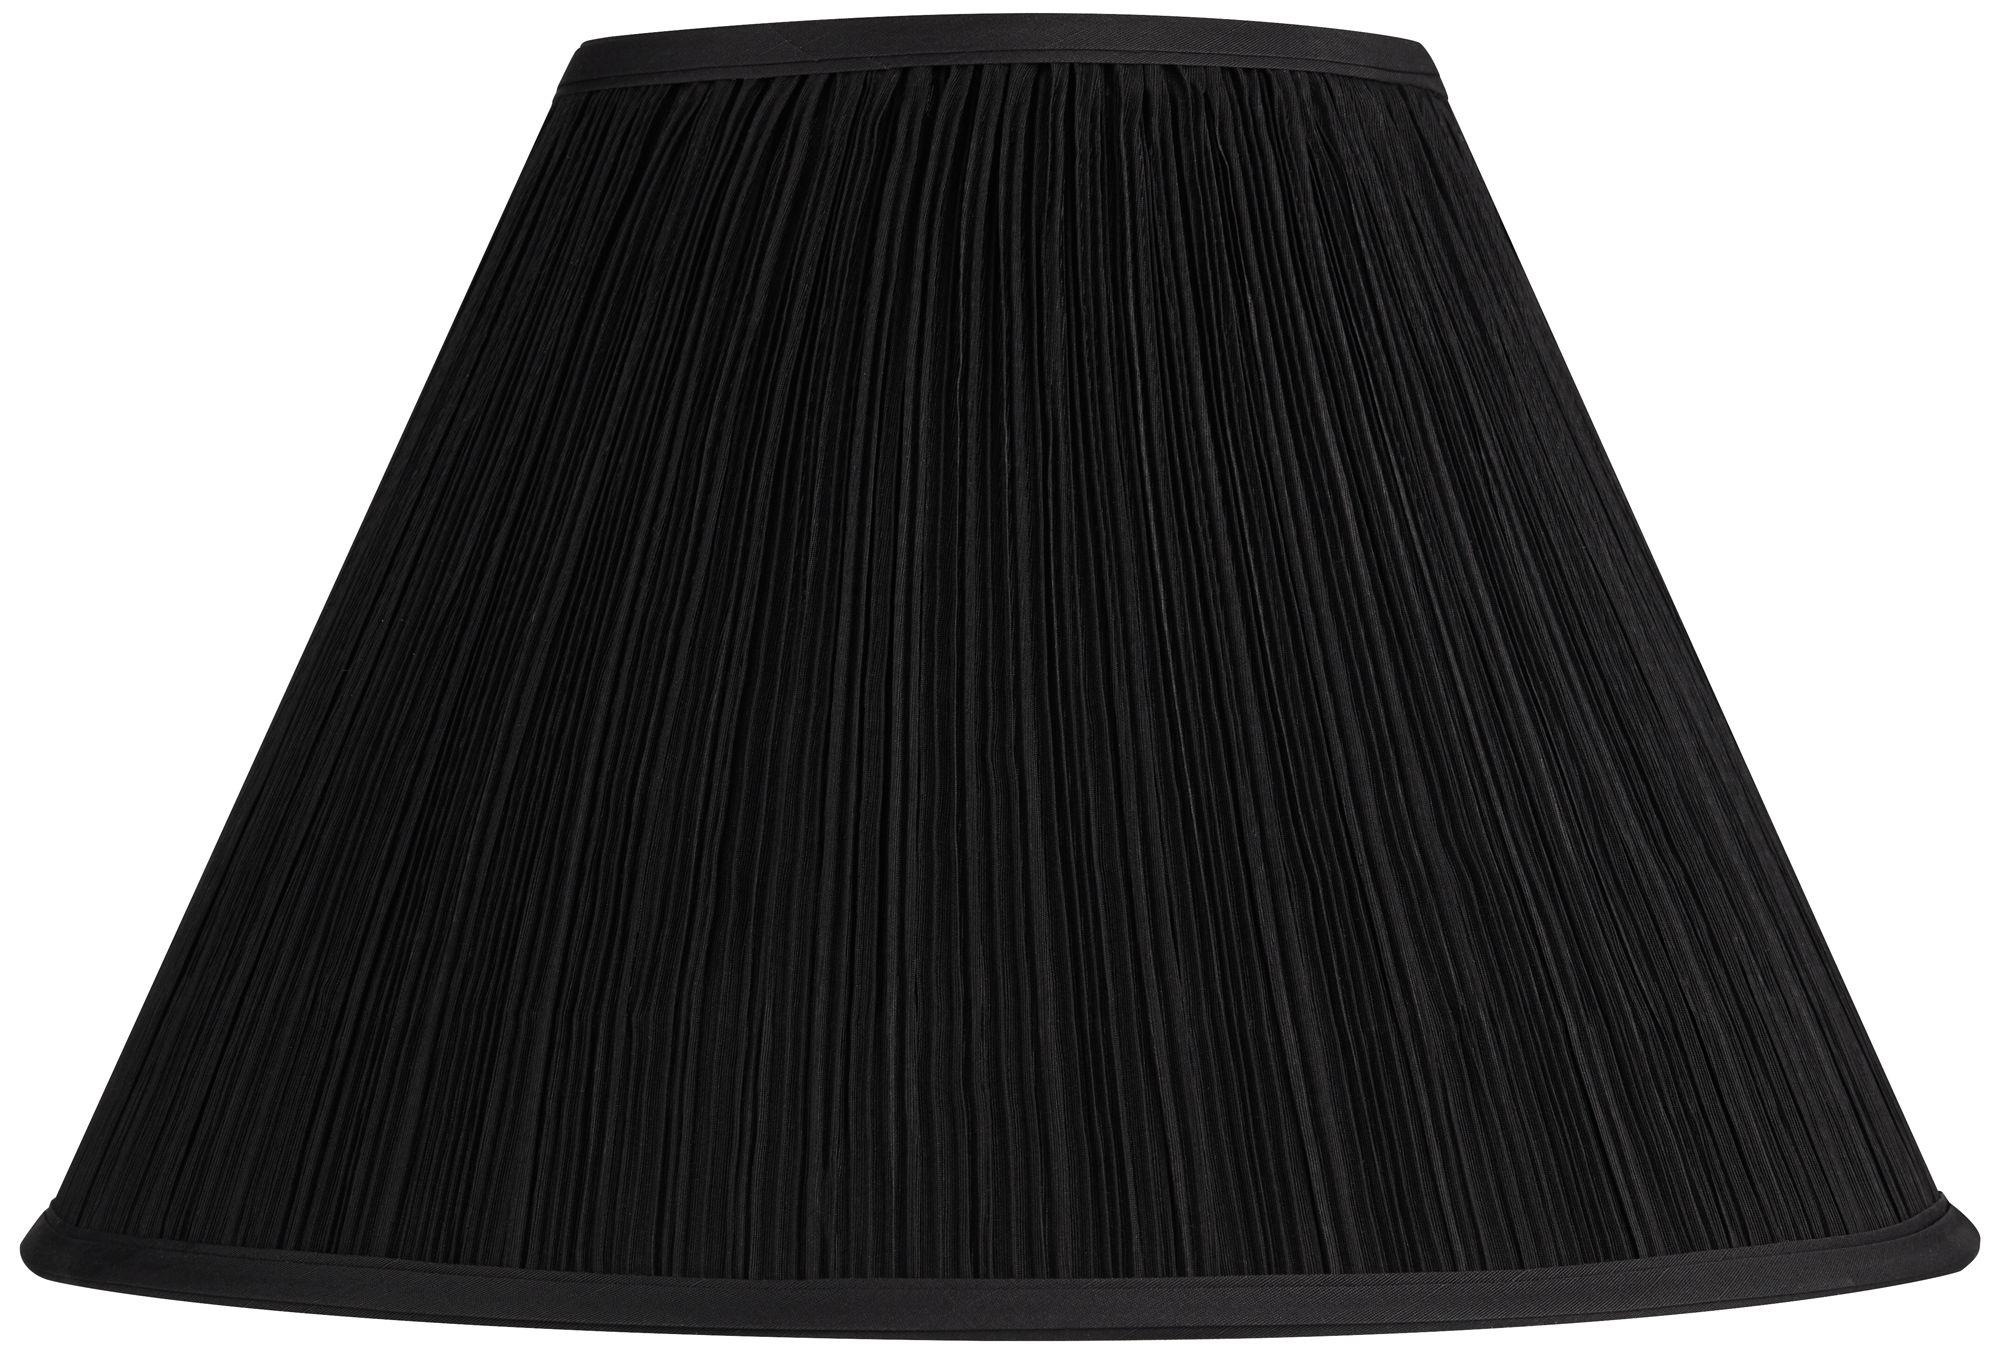 Black Mushroom Pleated Lamp Shade 7x17 X11.5 (Spider)